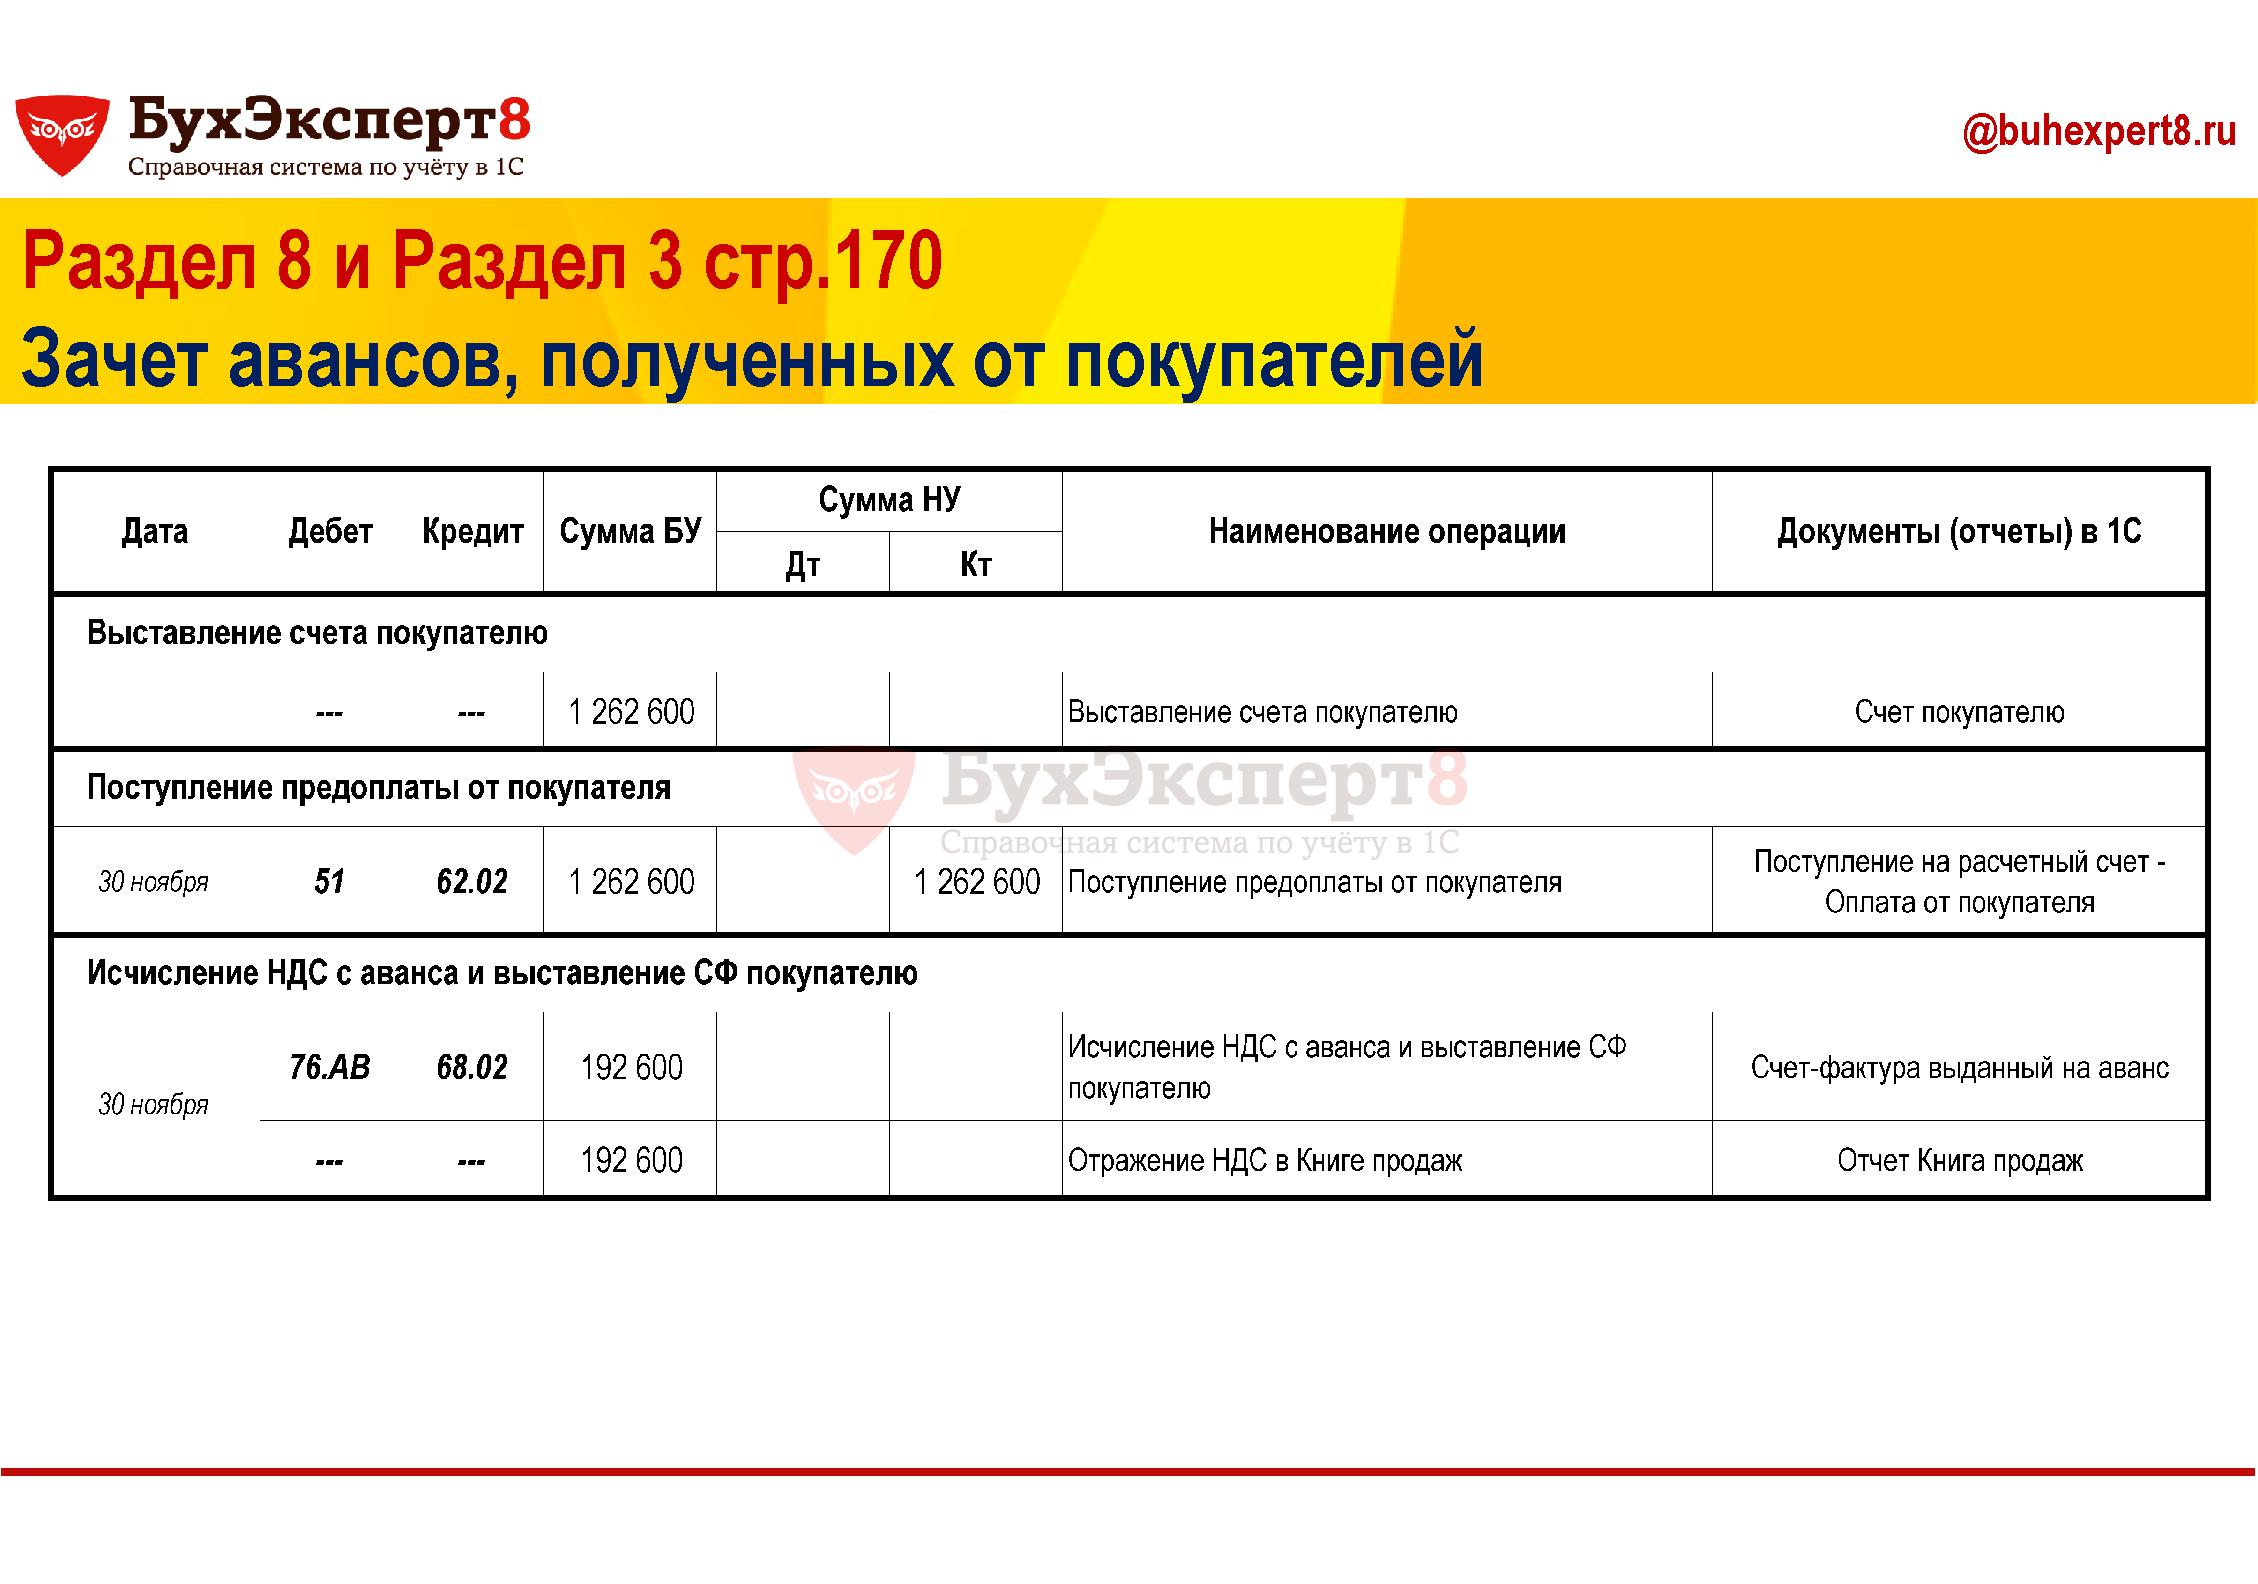 Раздел 8 и Раздел 3 стр.170 Зачет авансов, полученных от покупателей